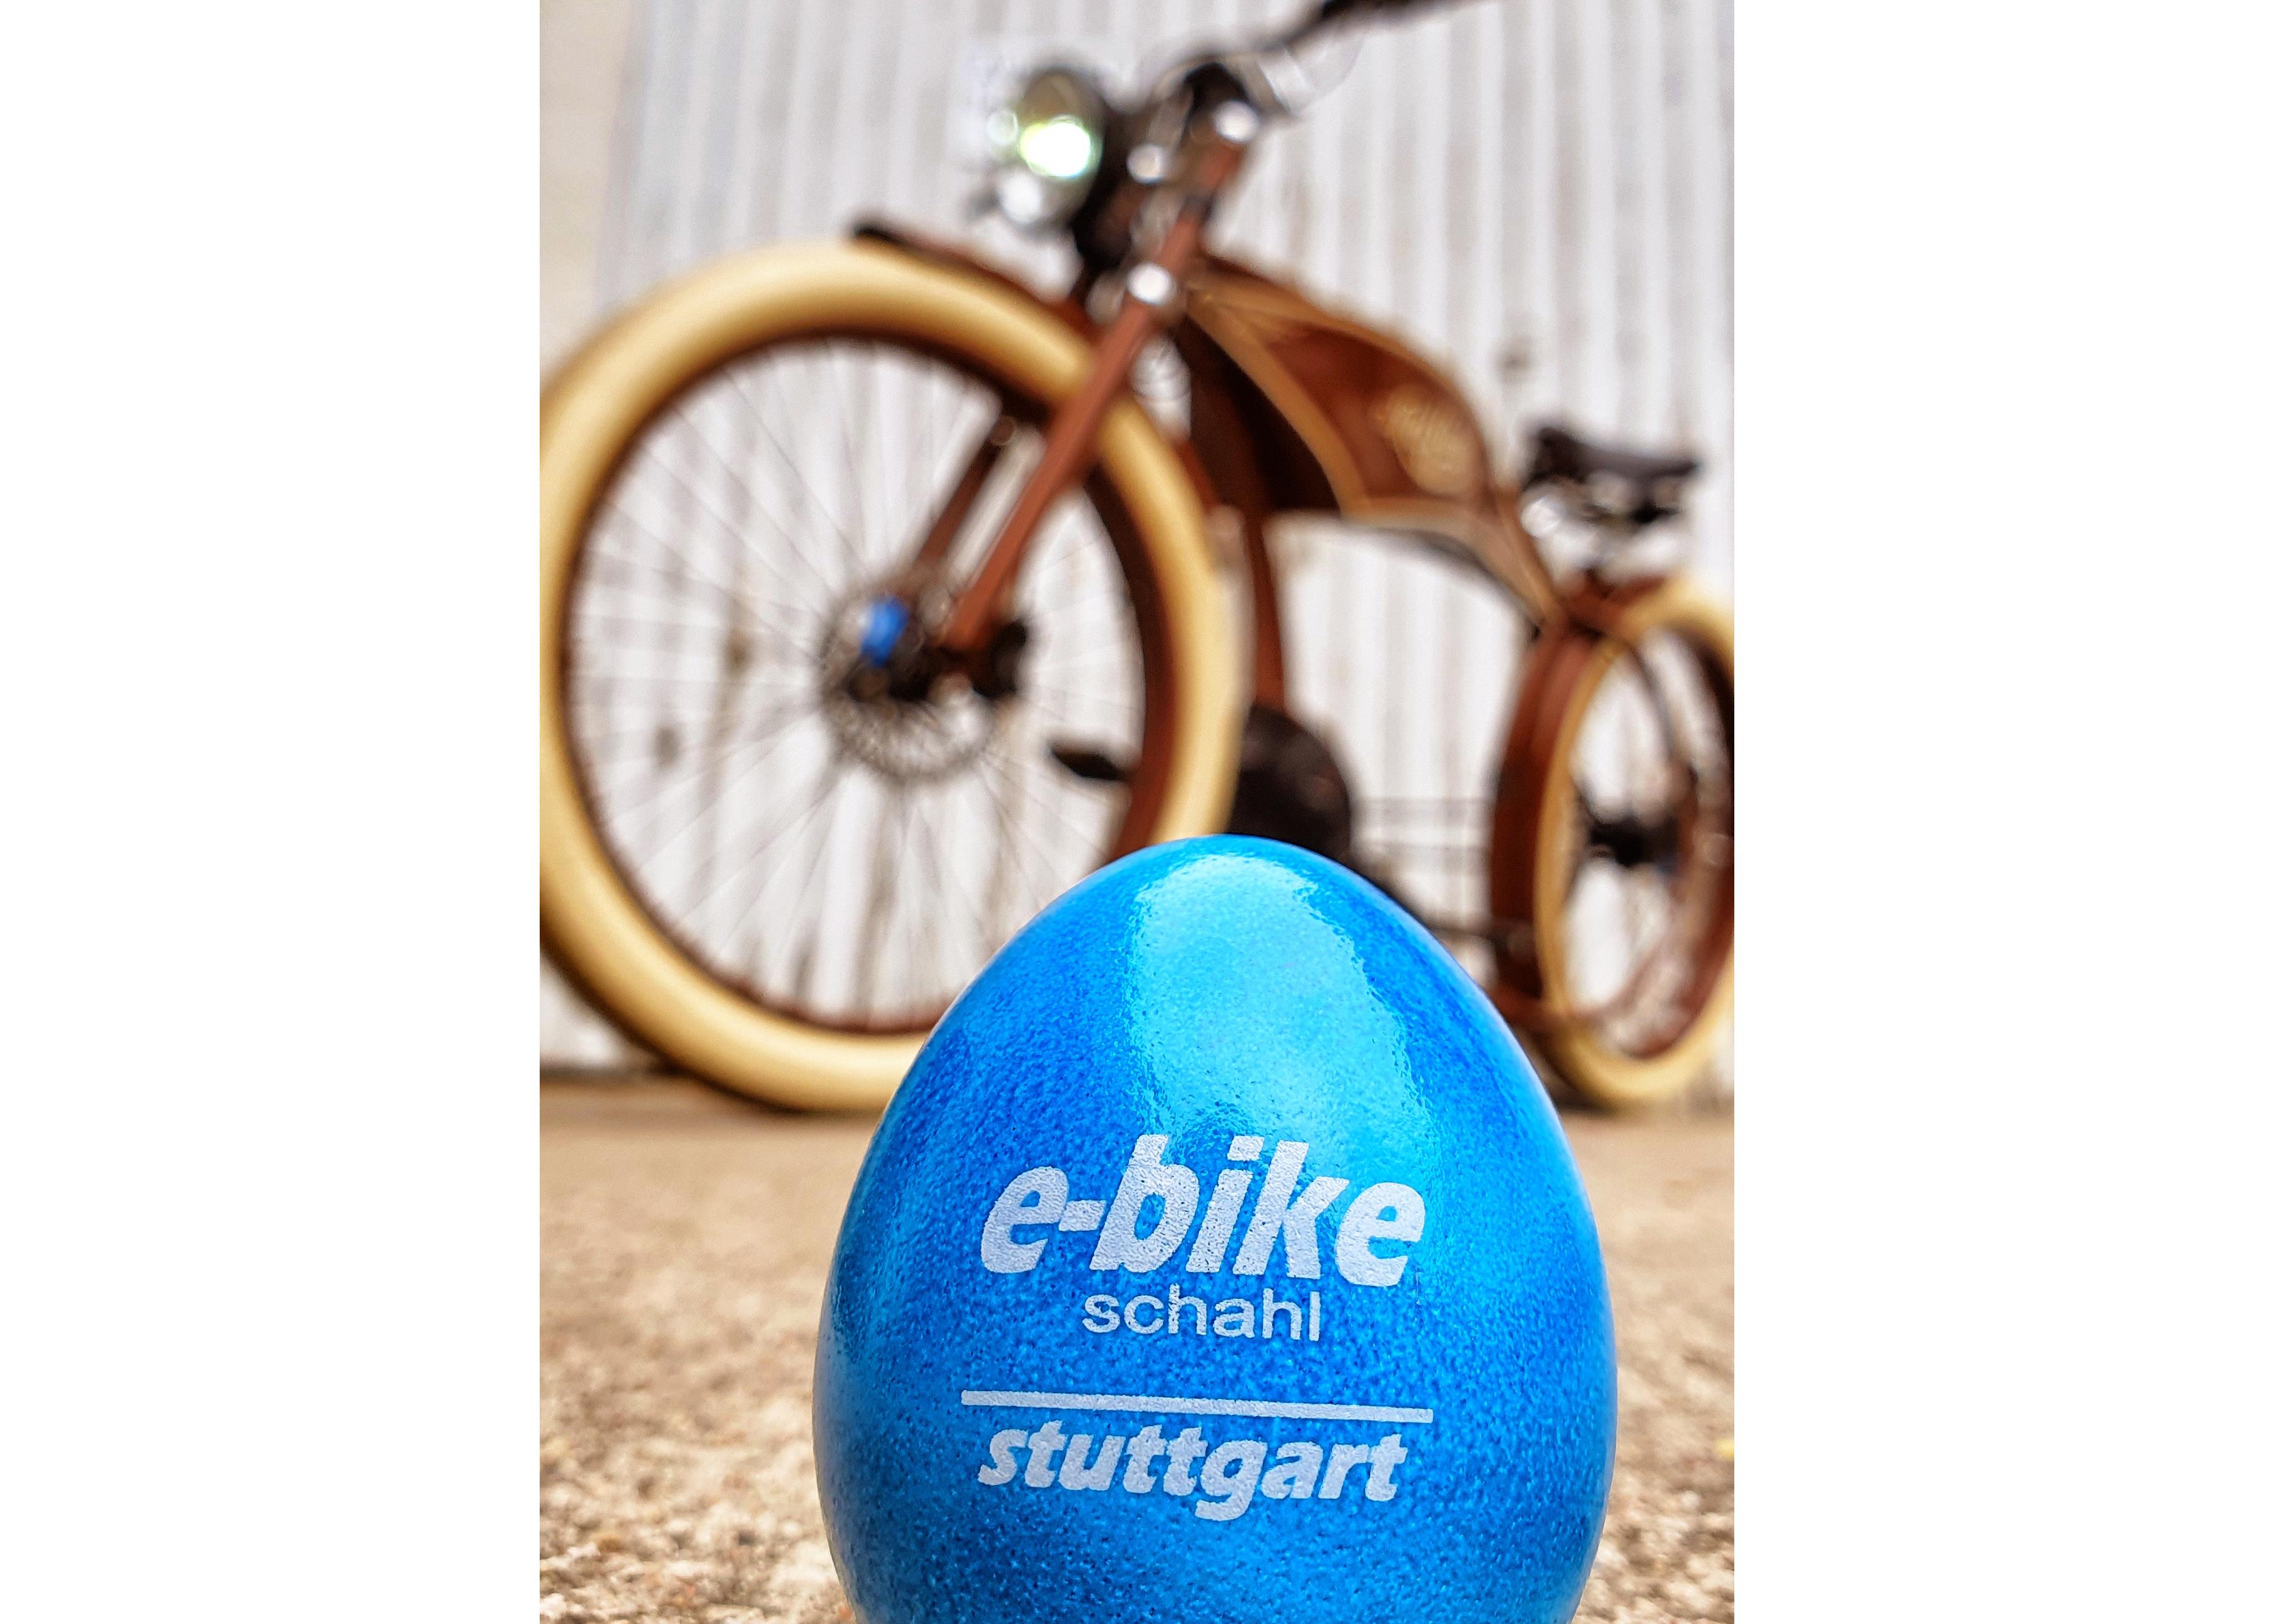 e-bike schahl wünscht frohe Ostern